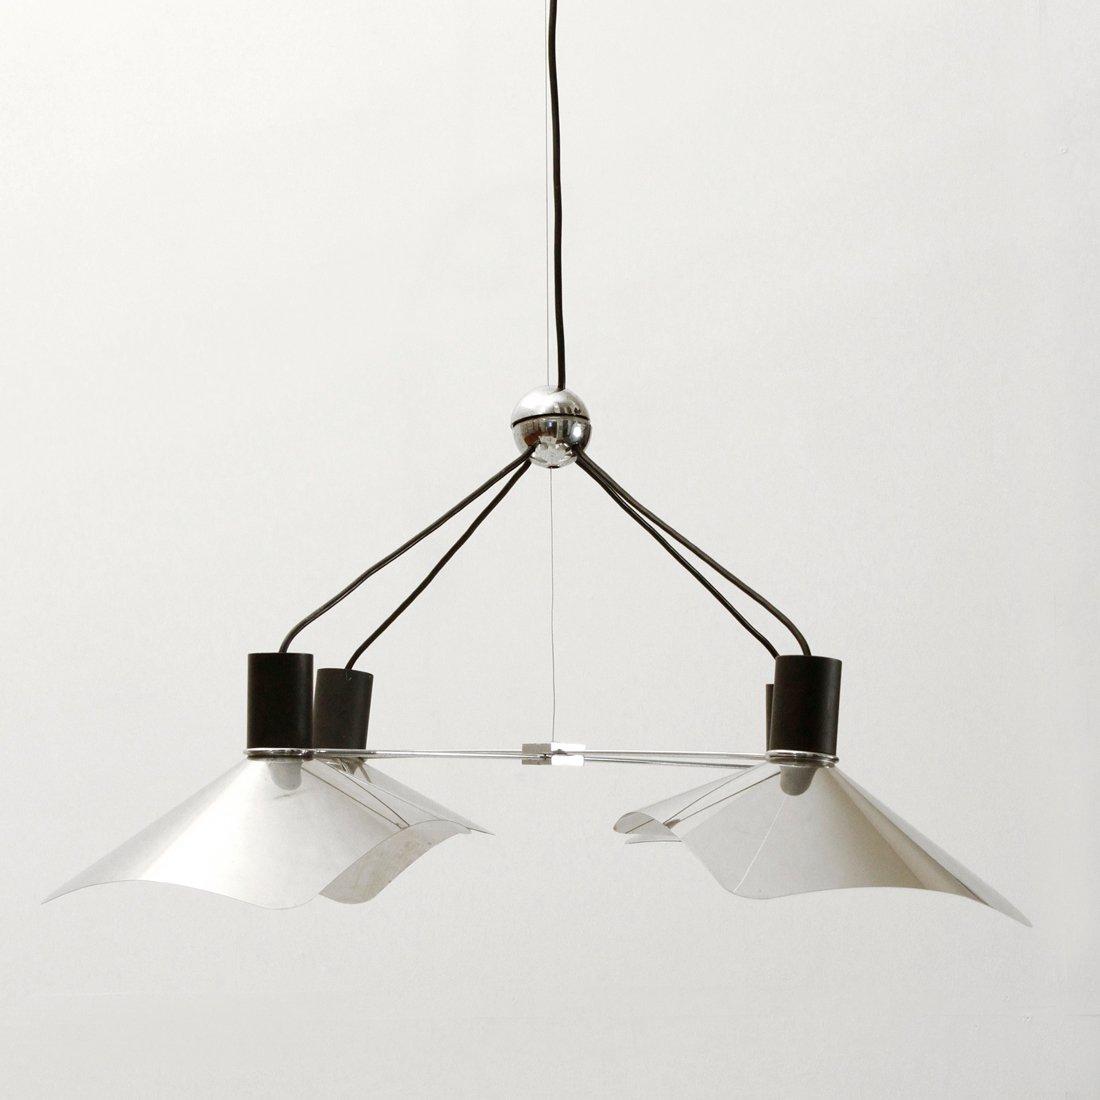 Corolla Deckenlampe von Giovanni Grignani für Luci, 1970er